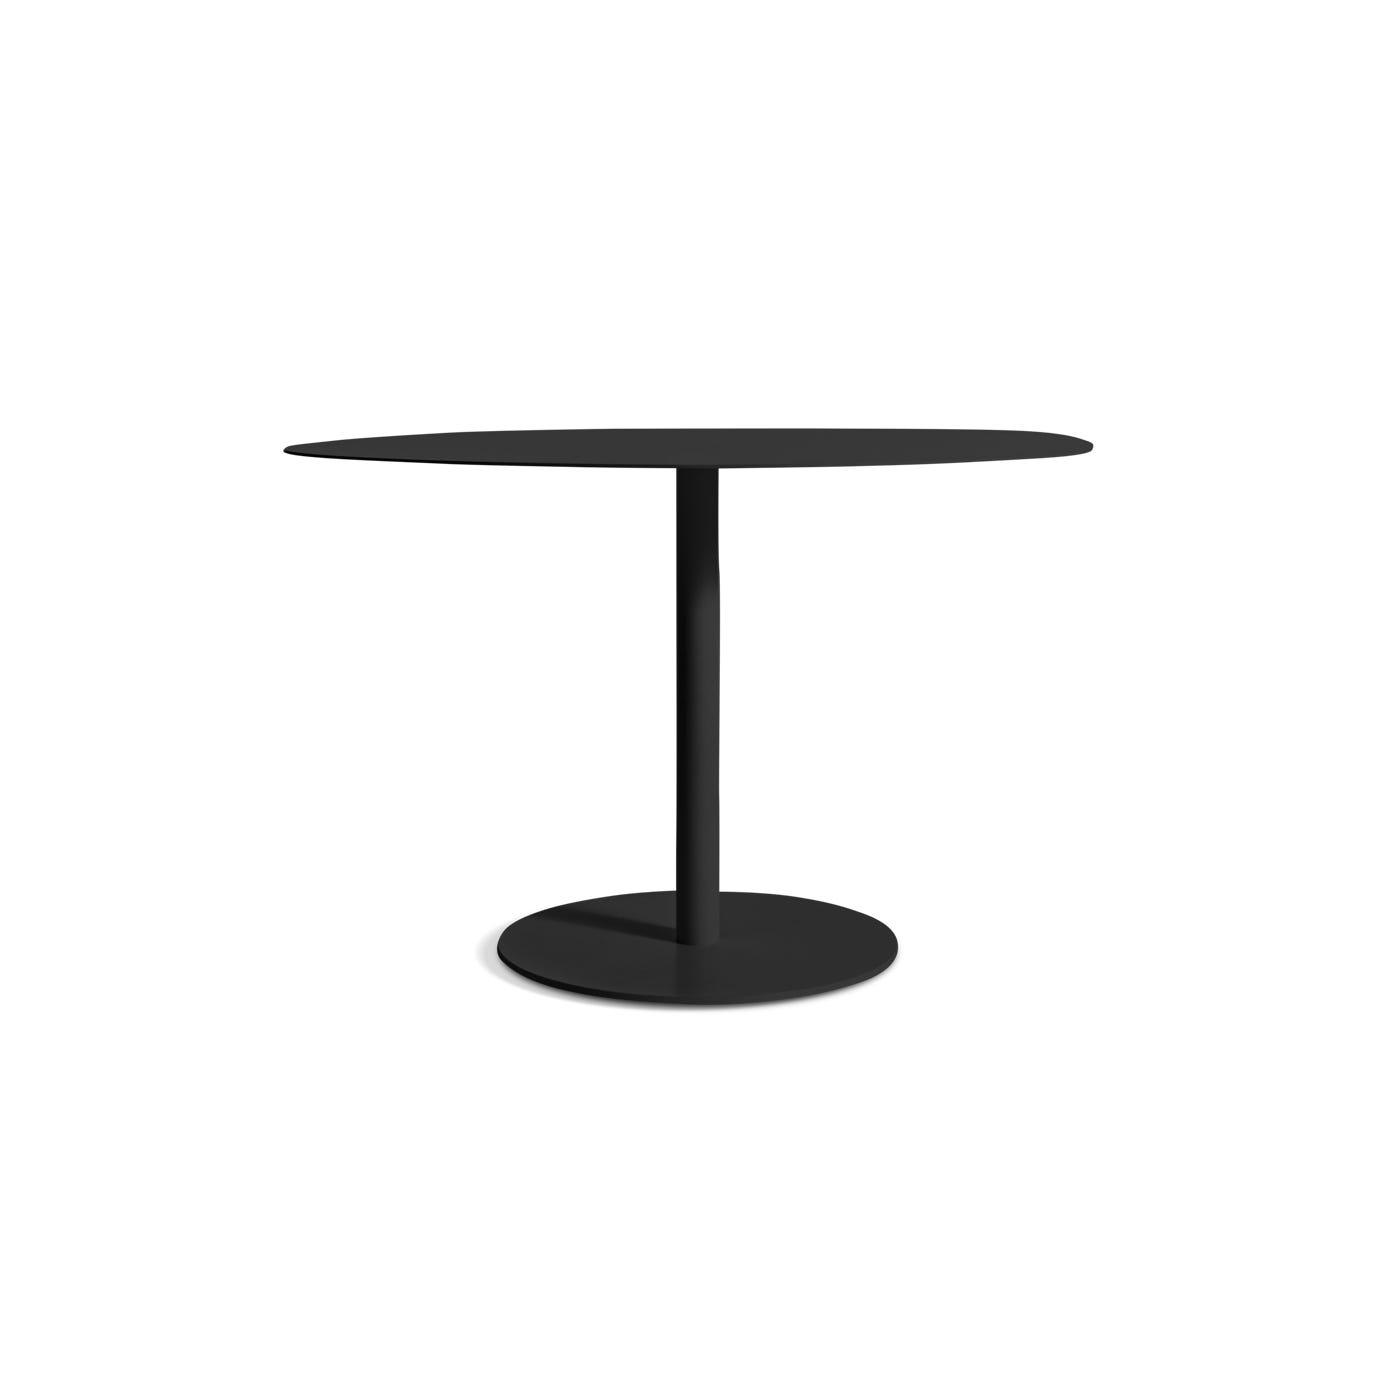 Swole Medium Table Black